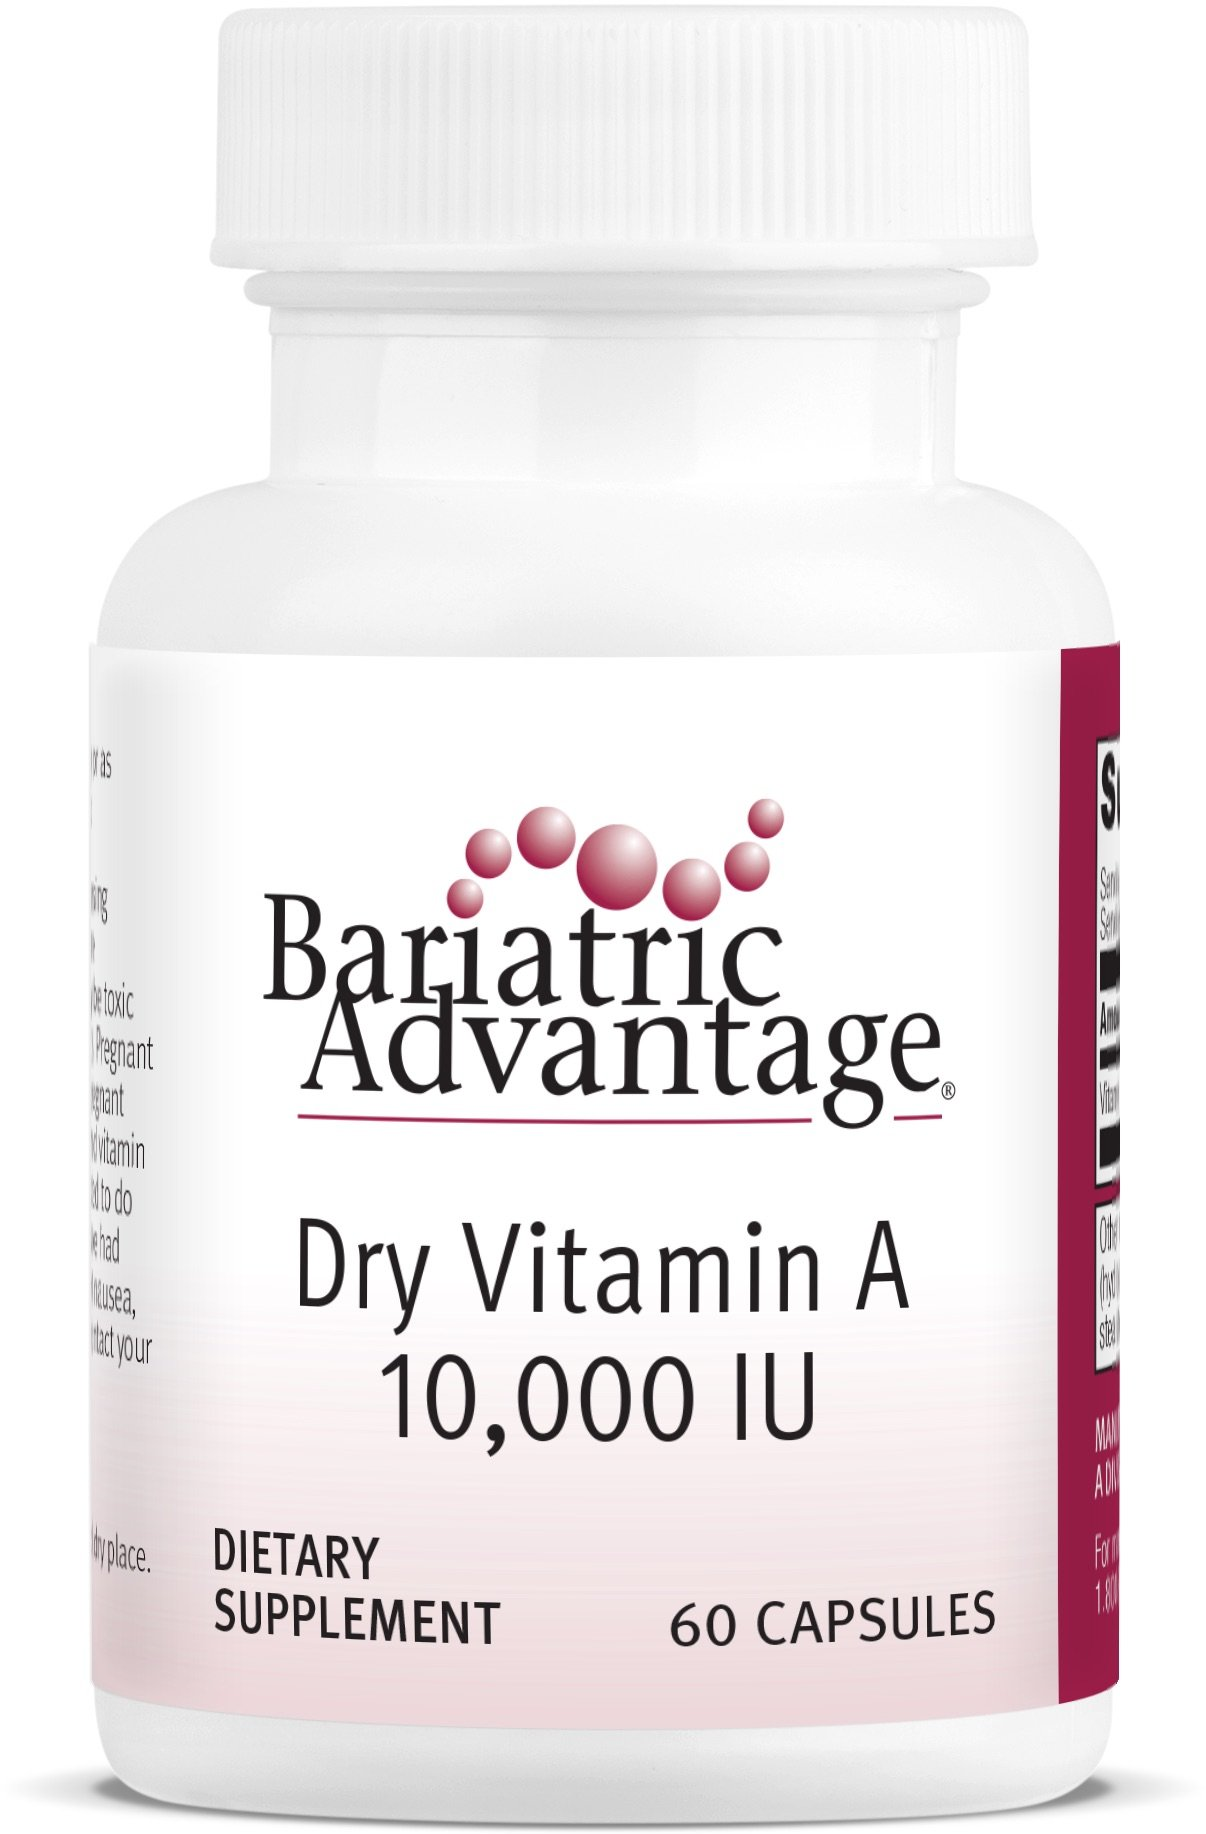 Bariatric Advantage - Dry Vitamin A Capsules, 60 Count